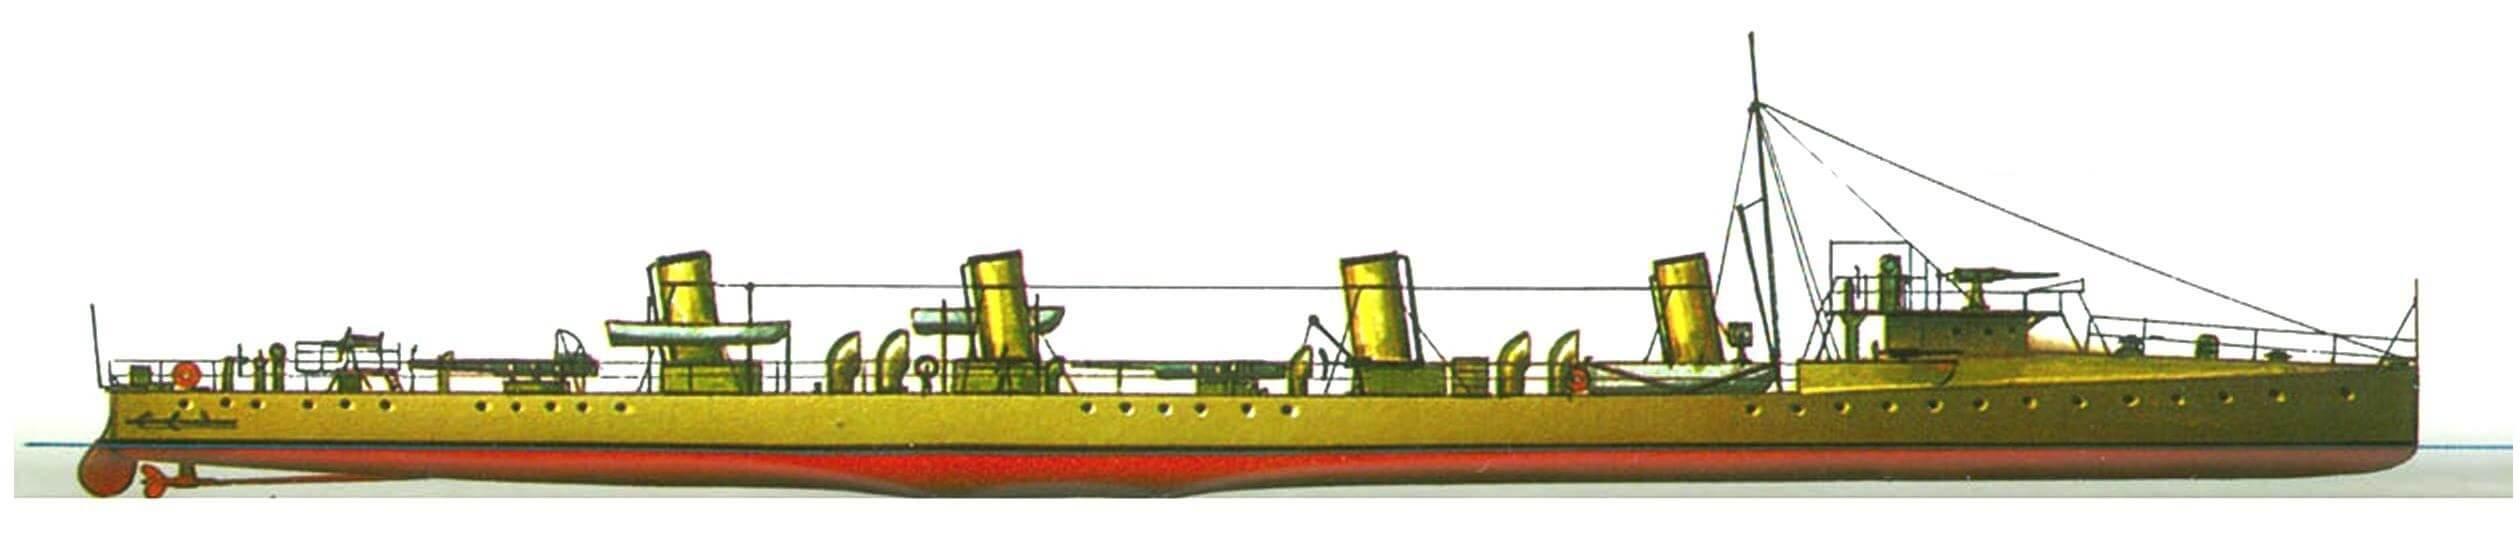 131. «Истребитель» «Сом», Россия, 1900 г.